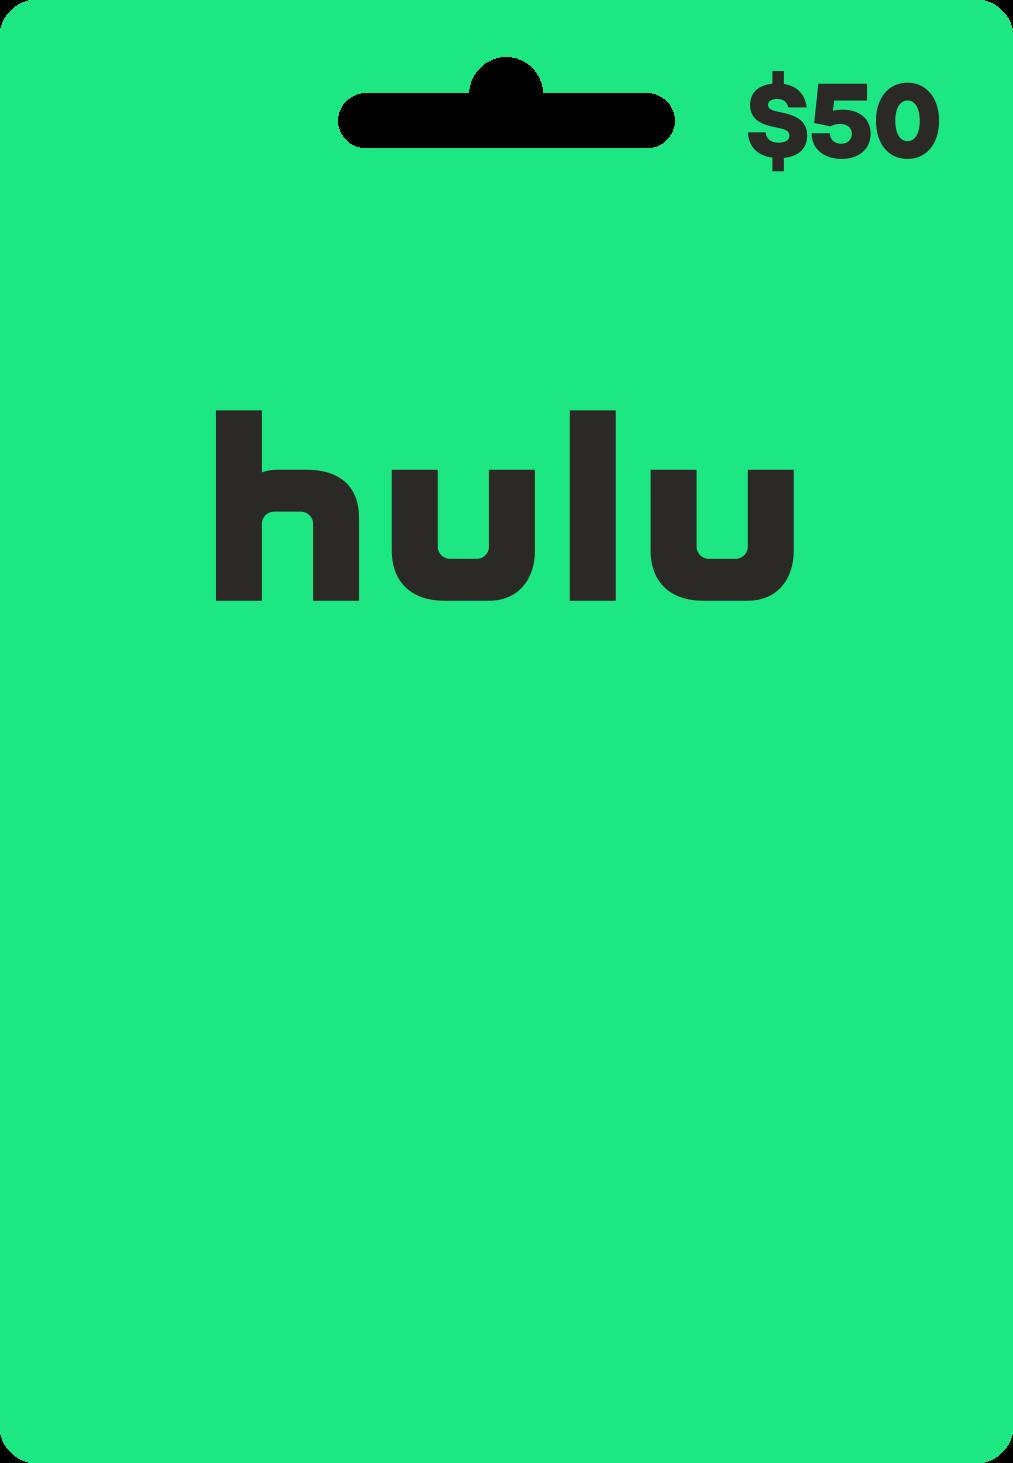 Hulu Gift Card